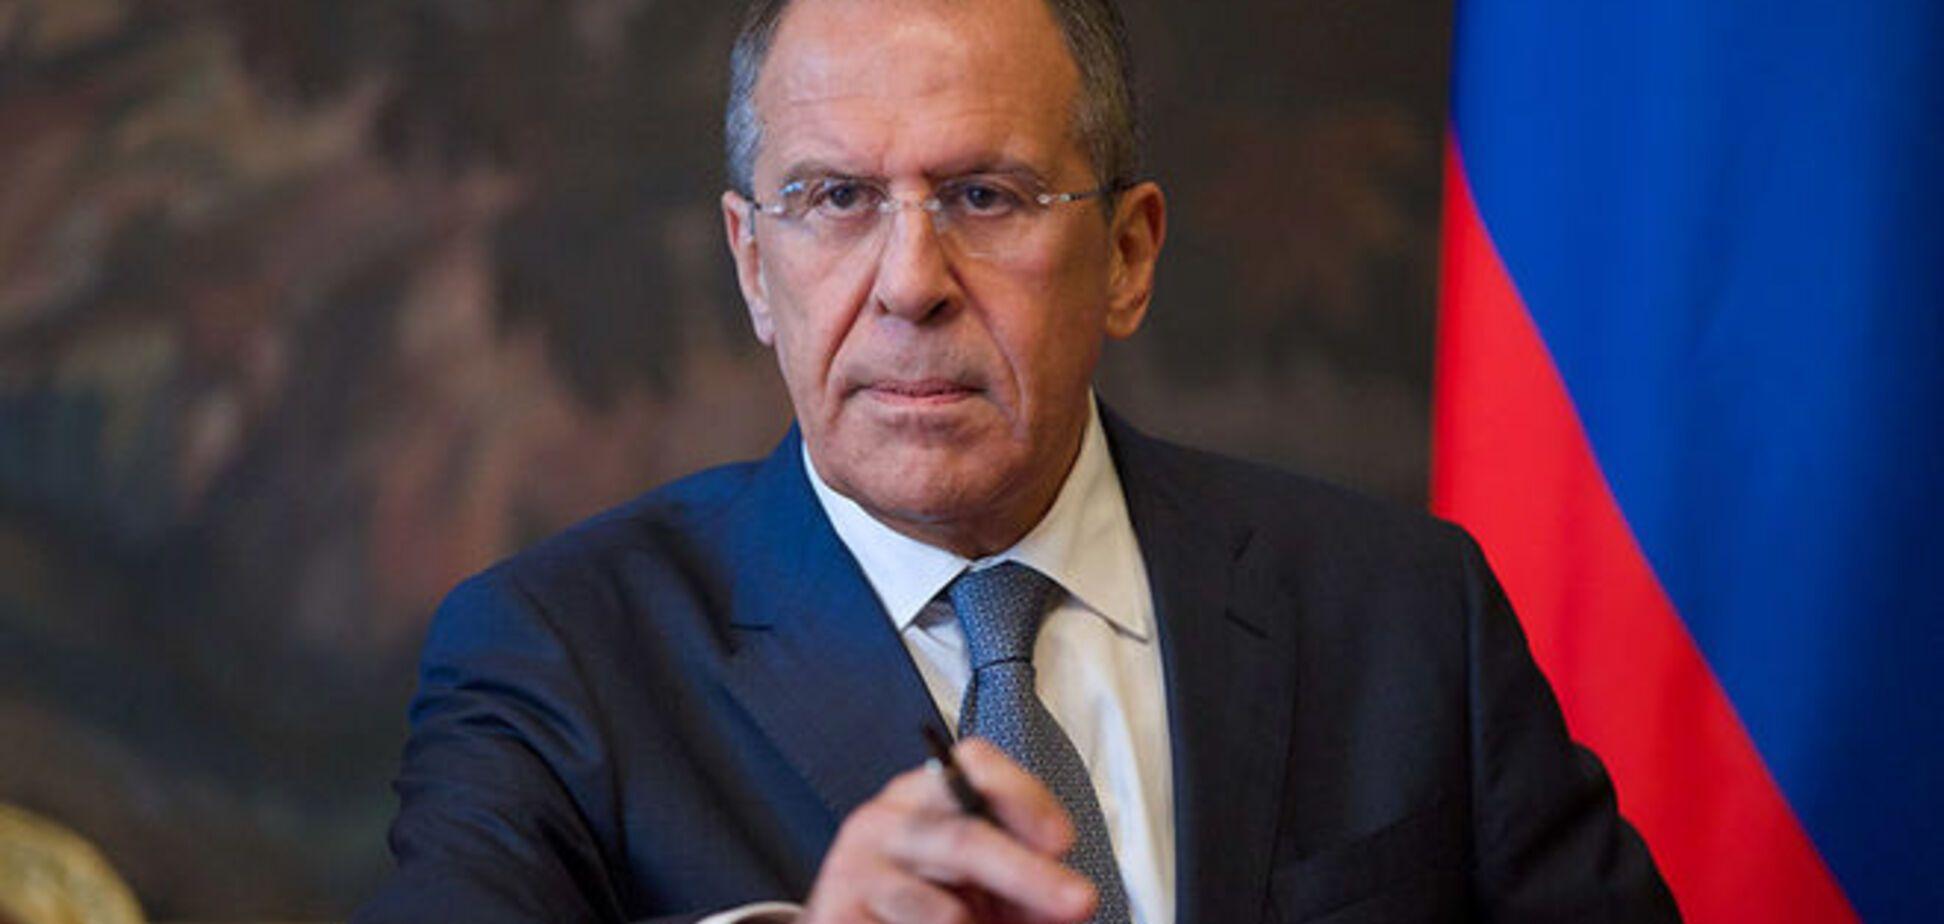 'Лже-миротворец' Лавров нажаловался в ОБСЕ на Украину: испугался за Донецк